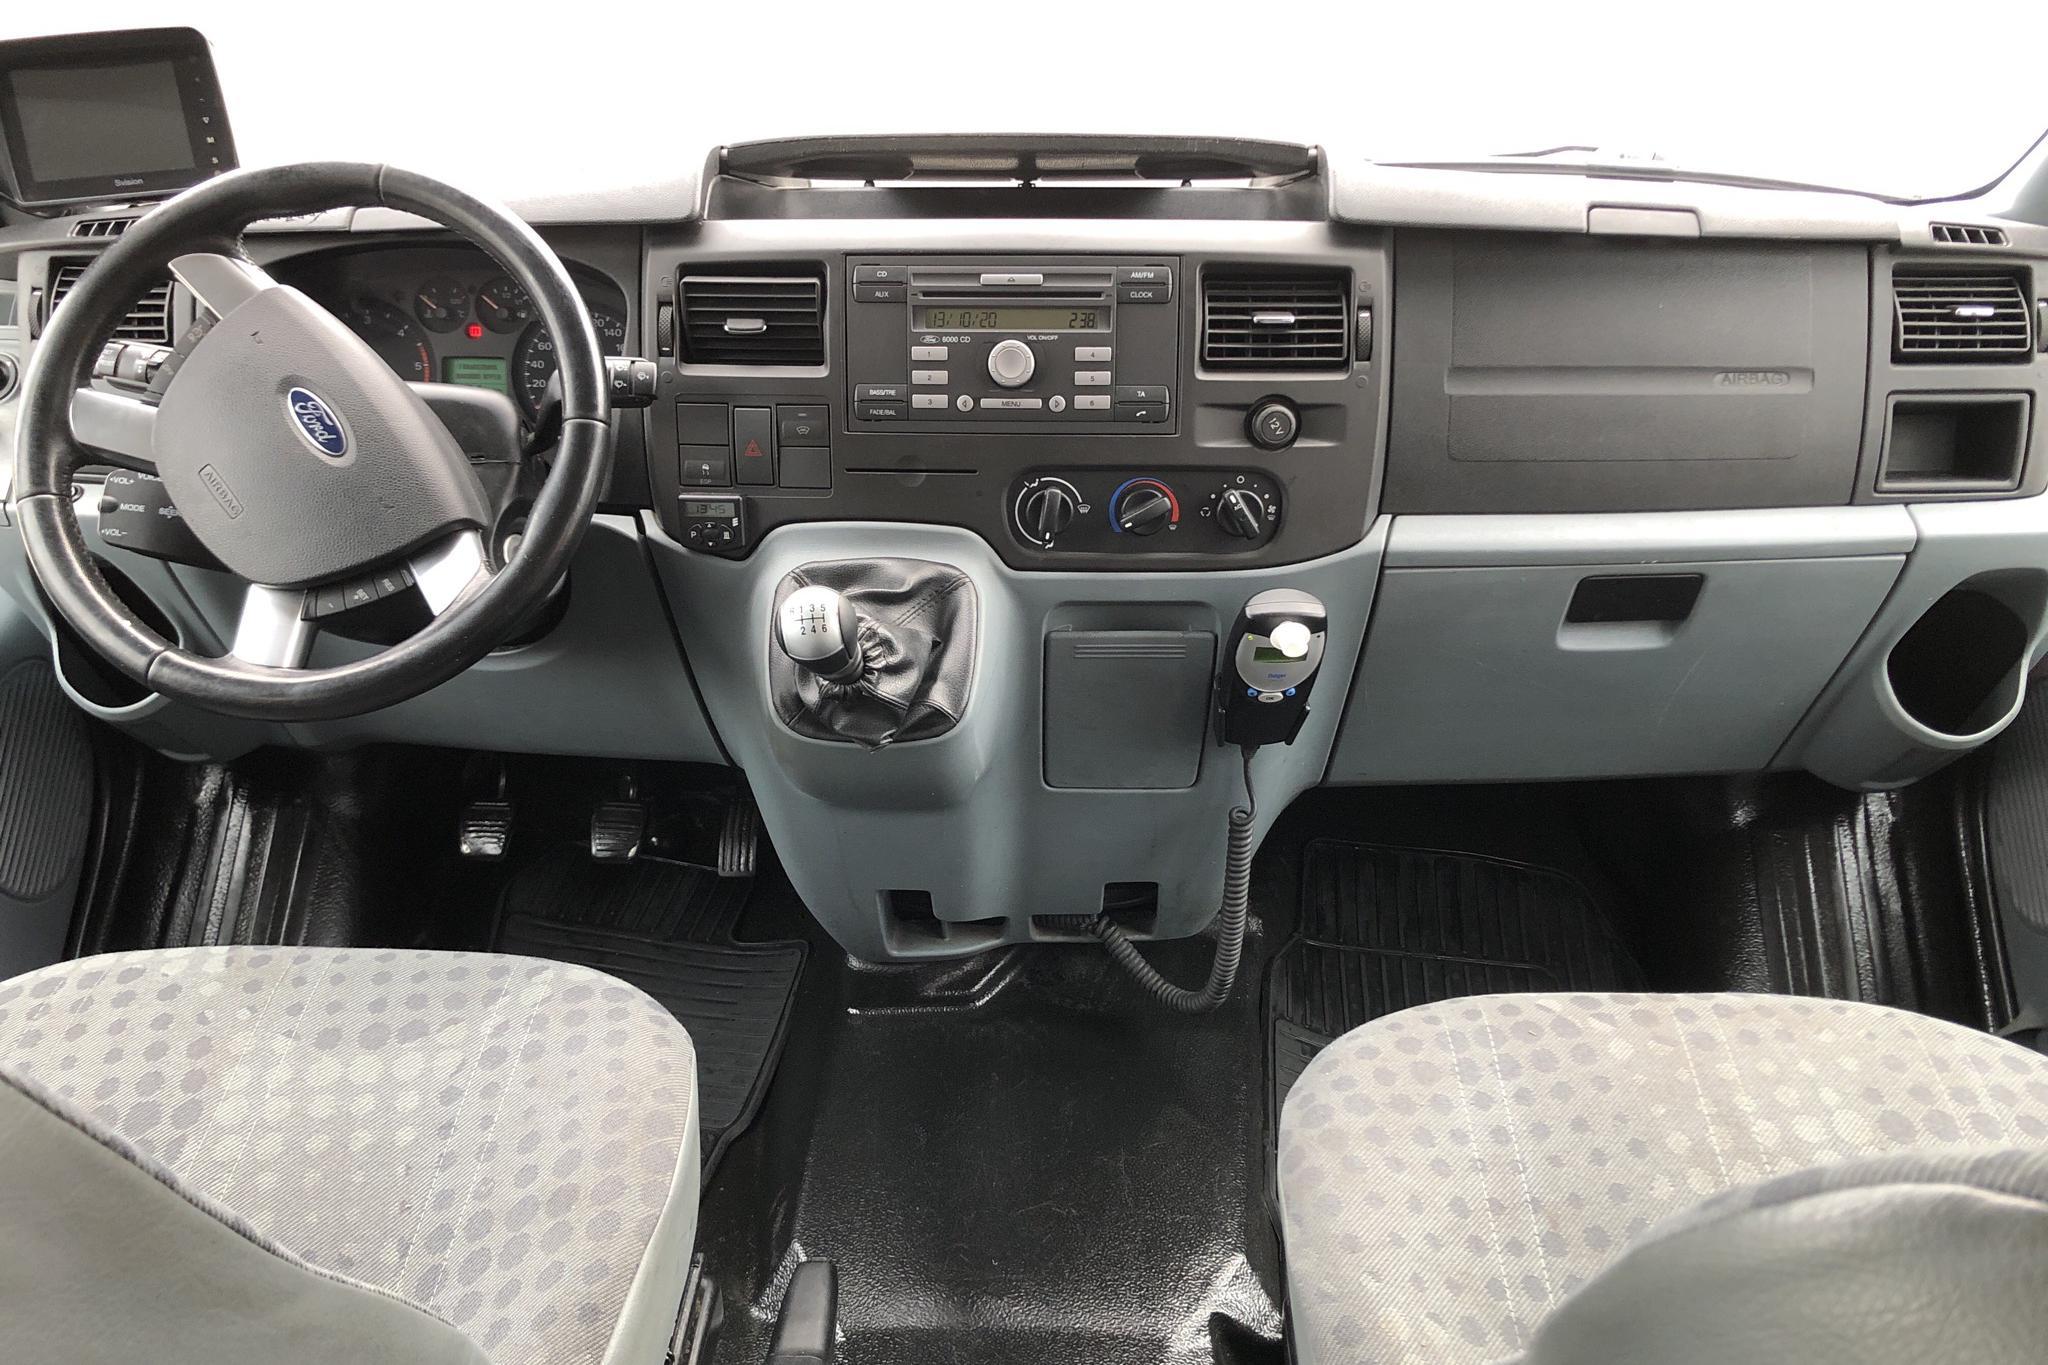 Ford Transit 350 2.2 TDCi Pickup (125hk) - 0 mil - Manuell - vit - 2013